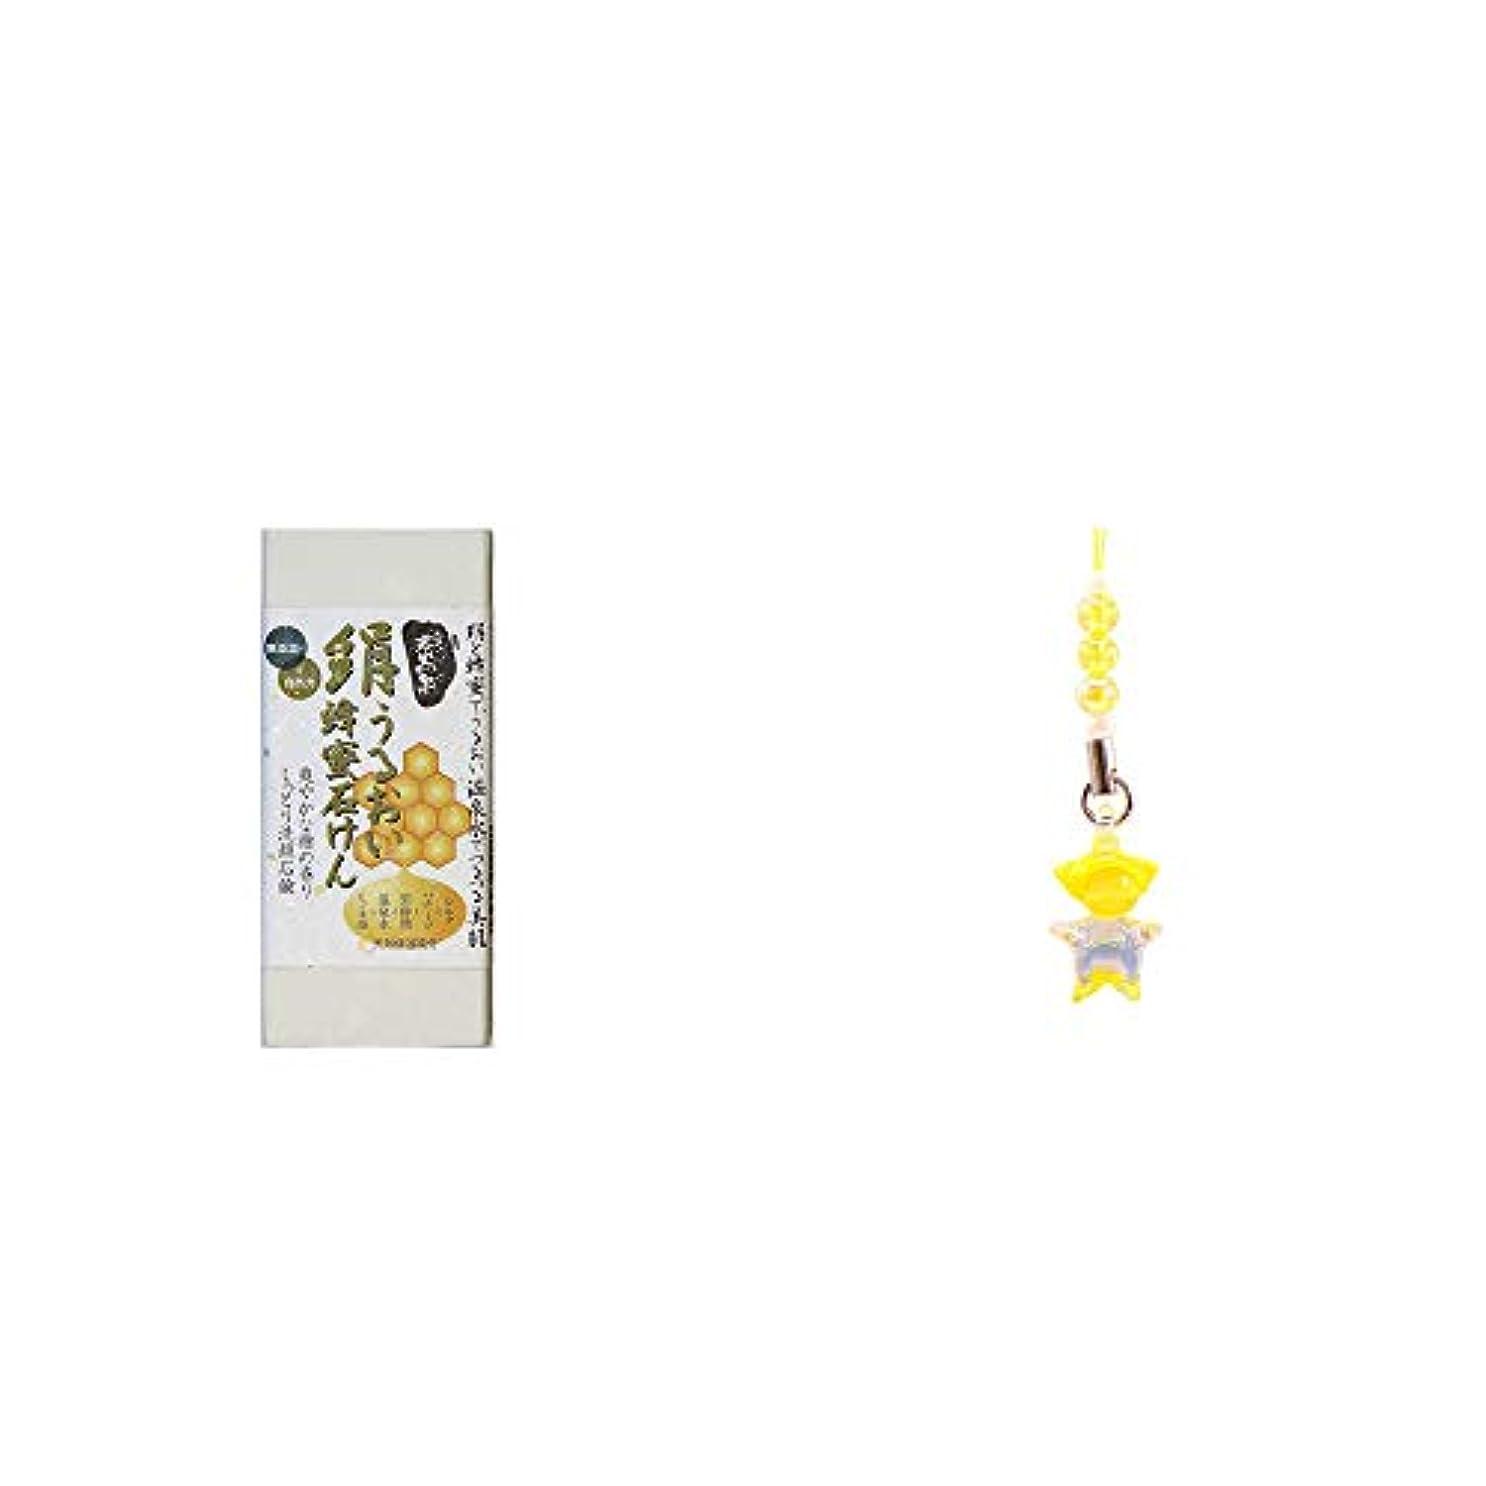 要旨子孫願望[2点セット] ひのき炭黒泉 絹うるおい蜂蜜石けん(75g×2)?ガラスのさるぼぼ 手作りキーホルダー 【黄】 /金運?ギャンブル運?財運?宝くじ当選祈願//